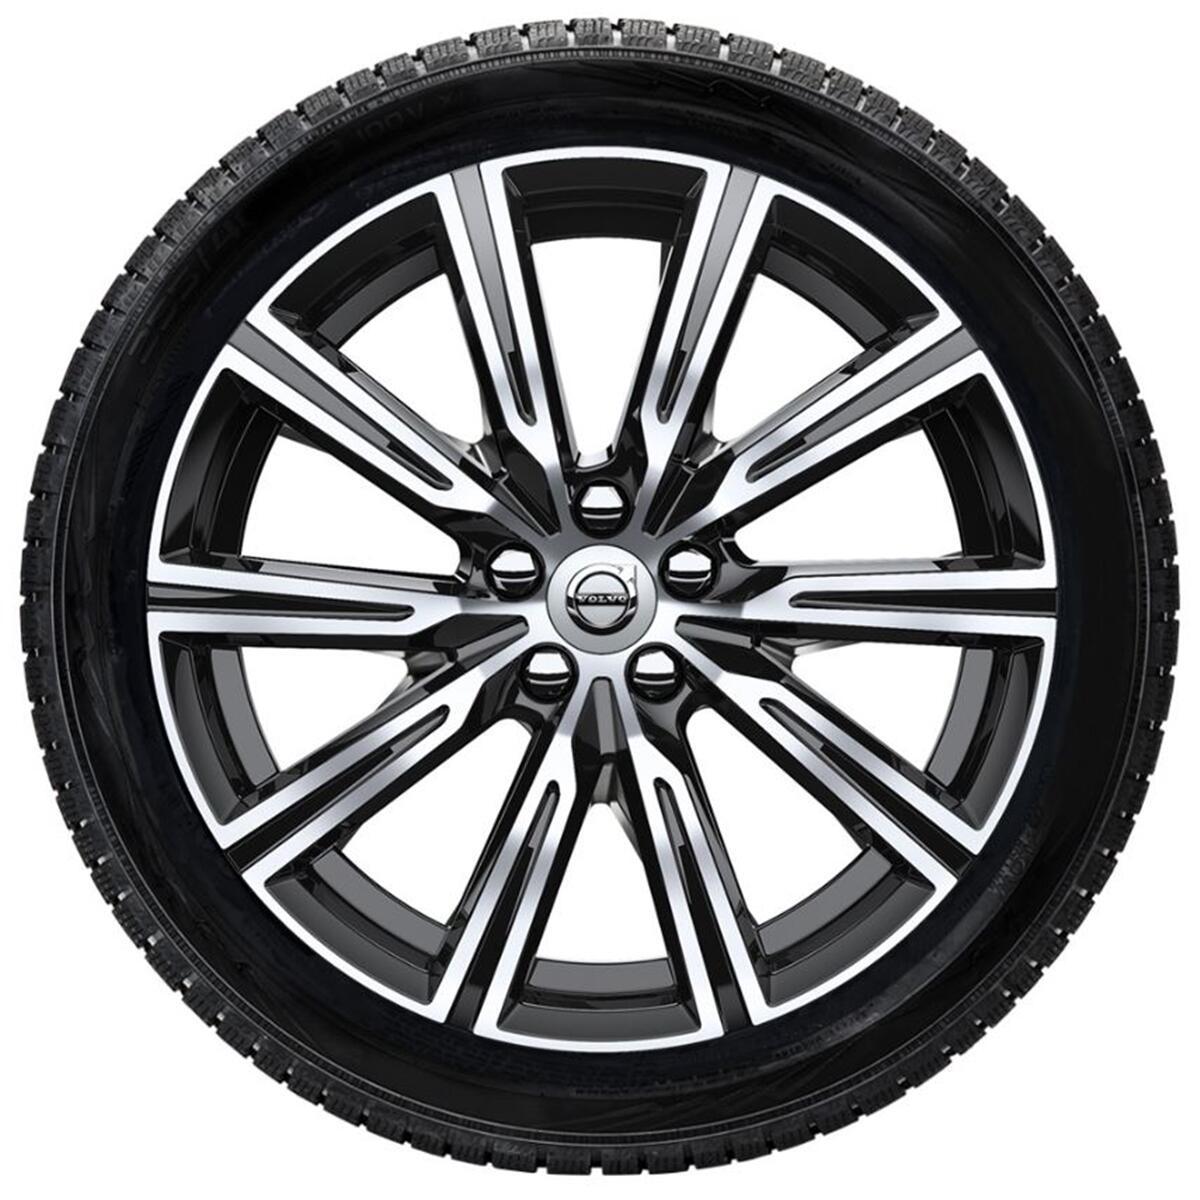 Komplet zimskih koles: 48,26 cm (19''), pnevmatike Pirelli